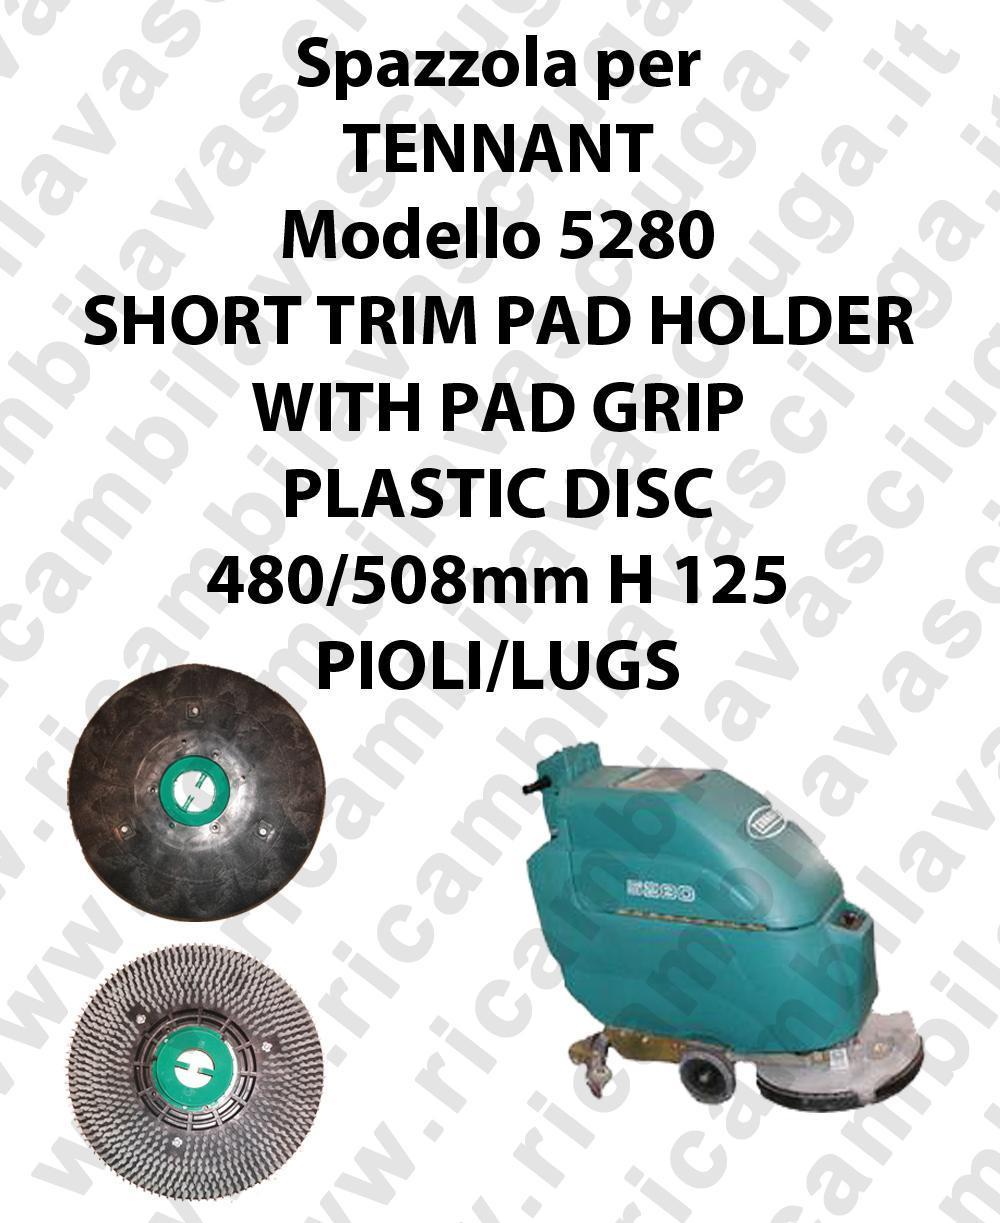 5280 SHORT TRIM Treiberteller WITH PAD GRIP für scheuersaugmaschinen TENNANT